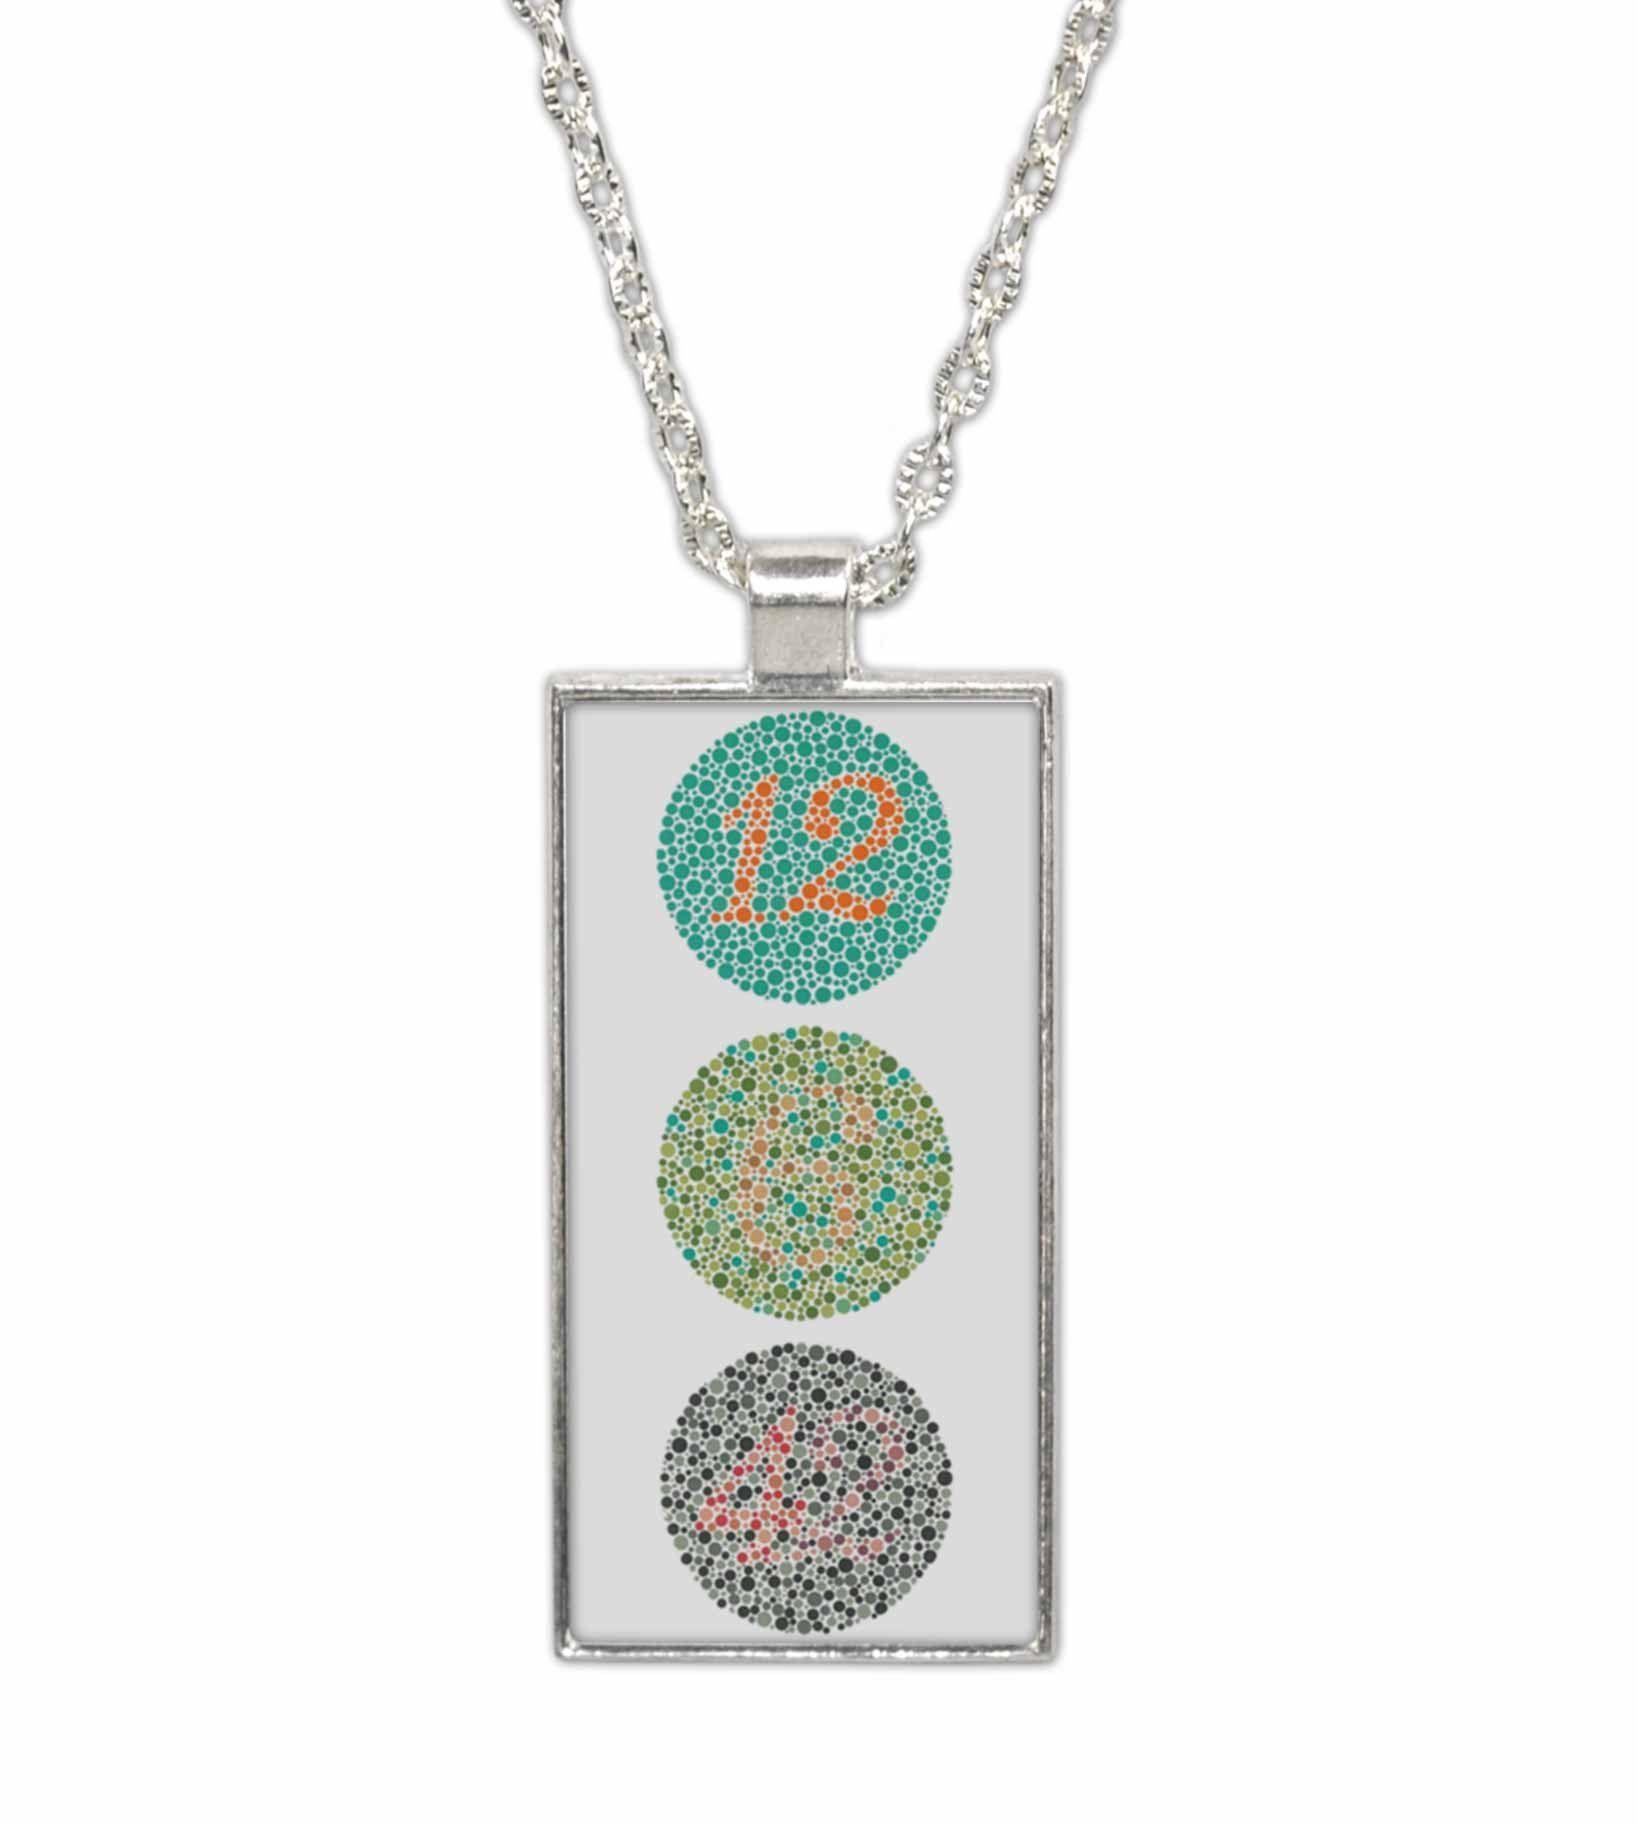 Color Blindness Test Pendant Necklace